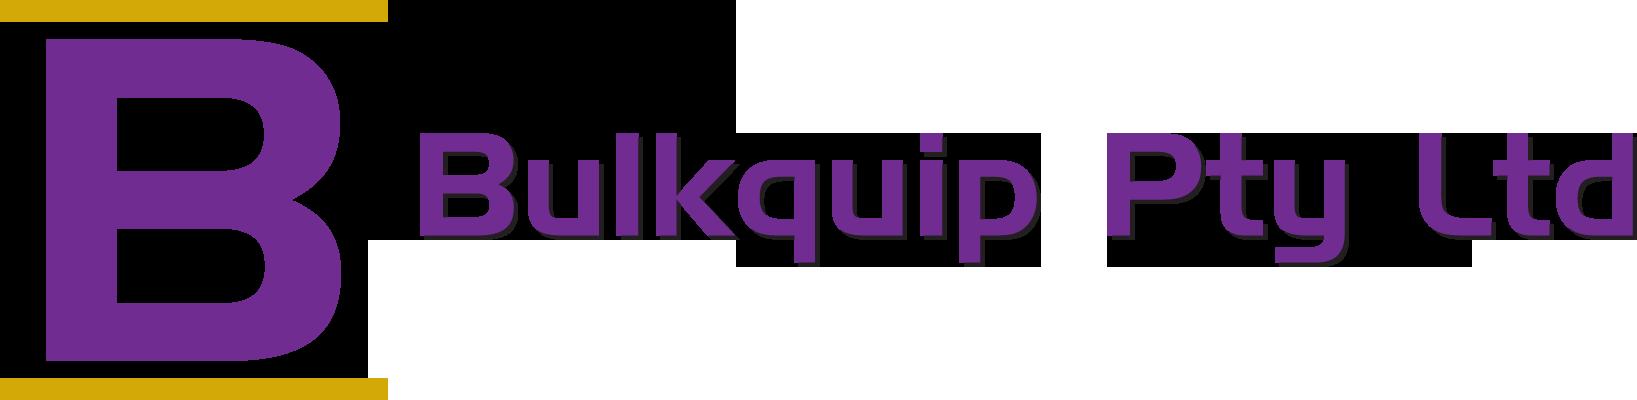 Bulkquip Logo